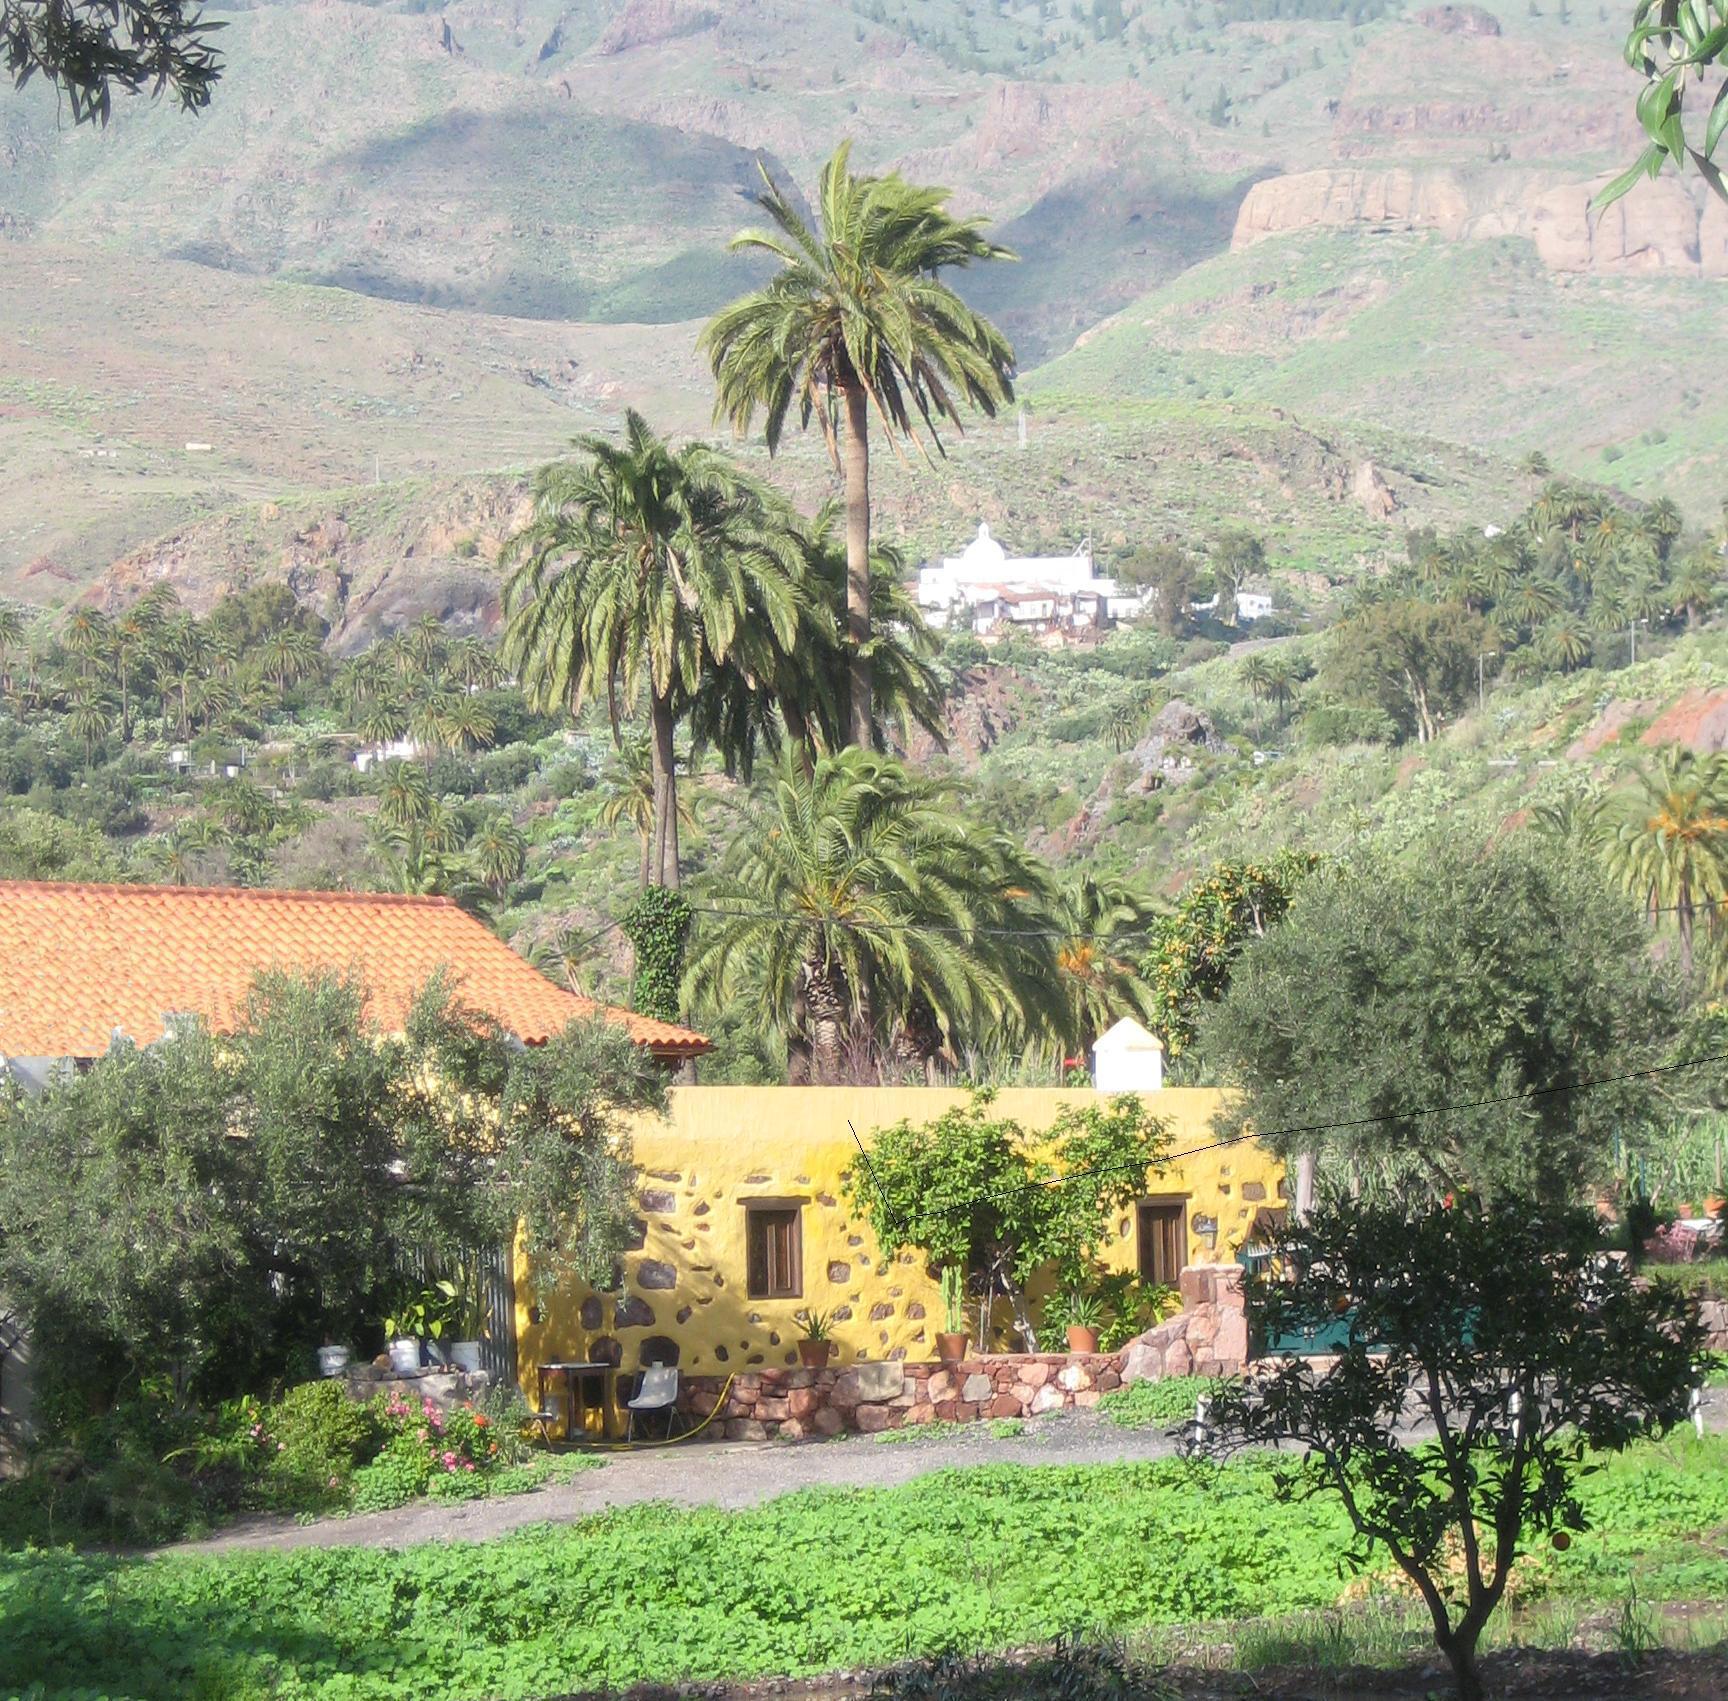 Fotos de casa rural la labranza gran canaria santa lucia de tirajana clubrural - Ofertas casas rurales gran canaria ...